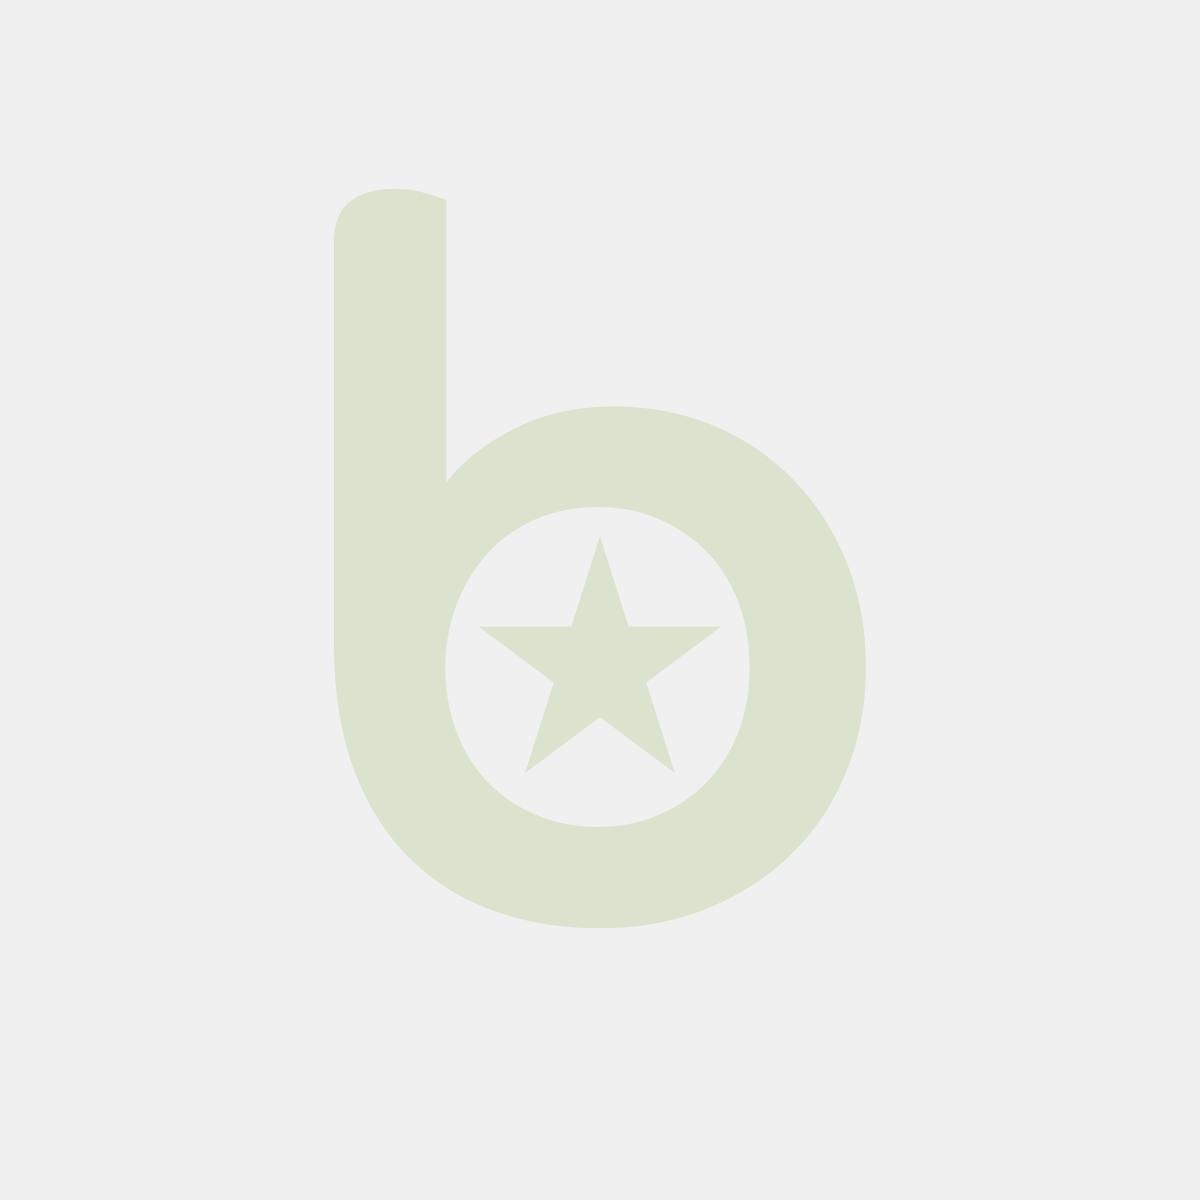 Zestaw Garnków Kurt Scheller Edition - 9-Elementowy